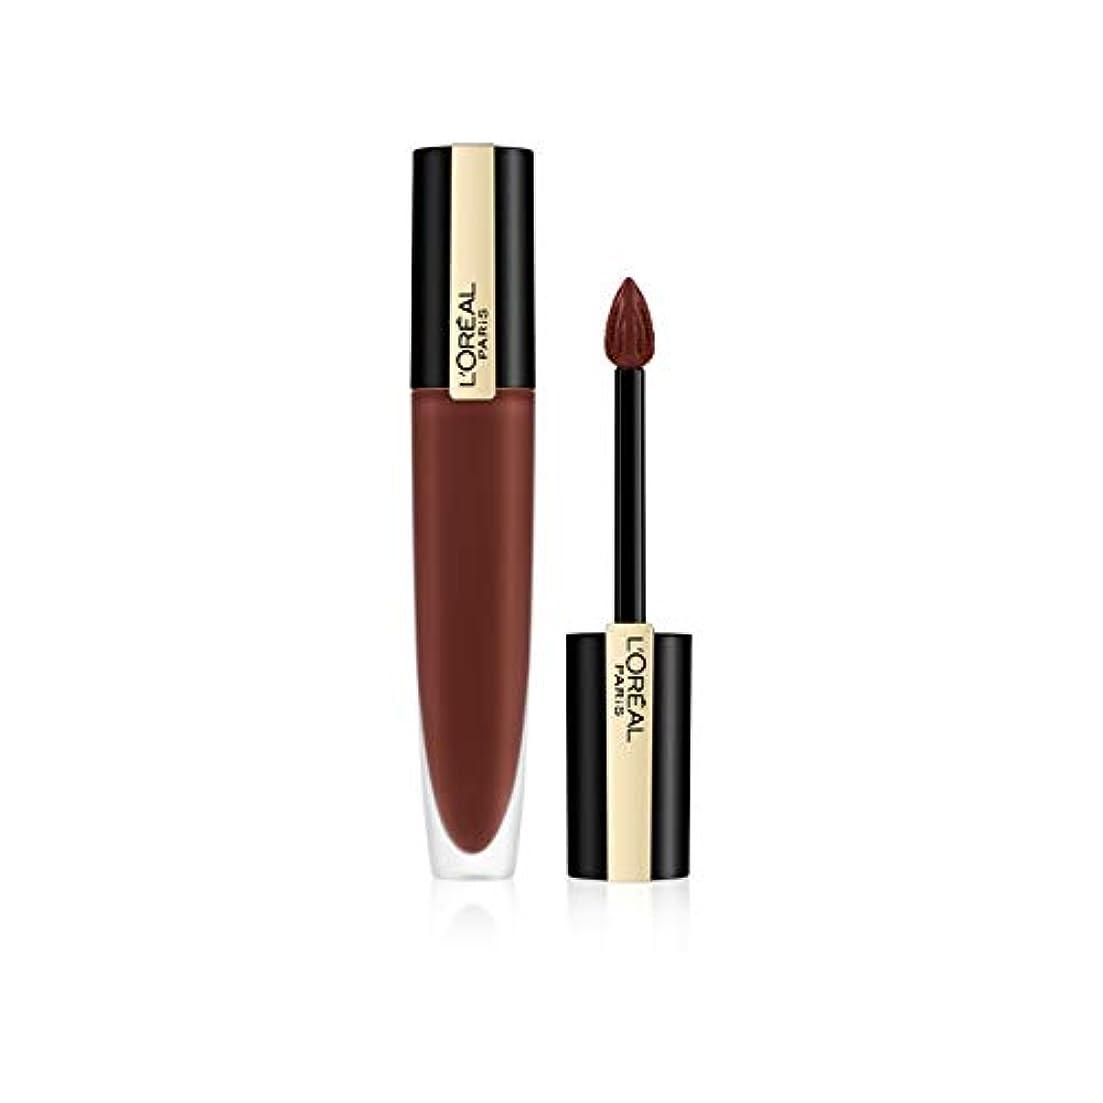 放送マルコポーロ誠実さL'Oreal Paris Rouge Signature Matte Liquid Lipstick,126 I Play, 7g